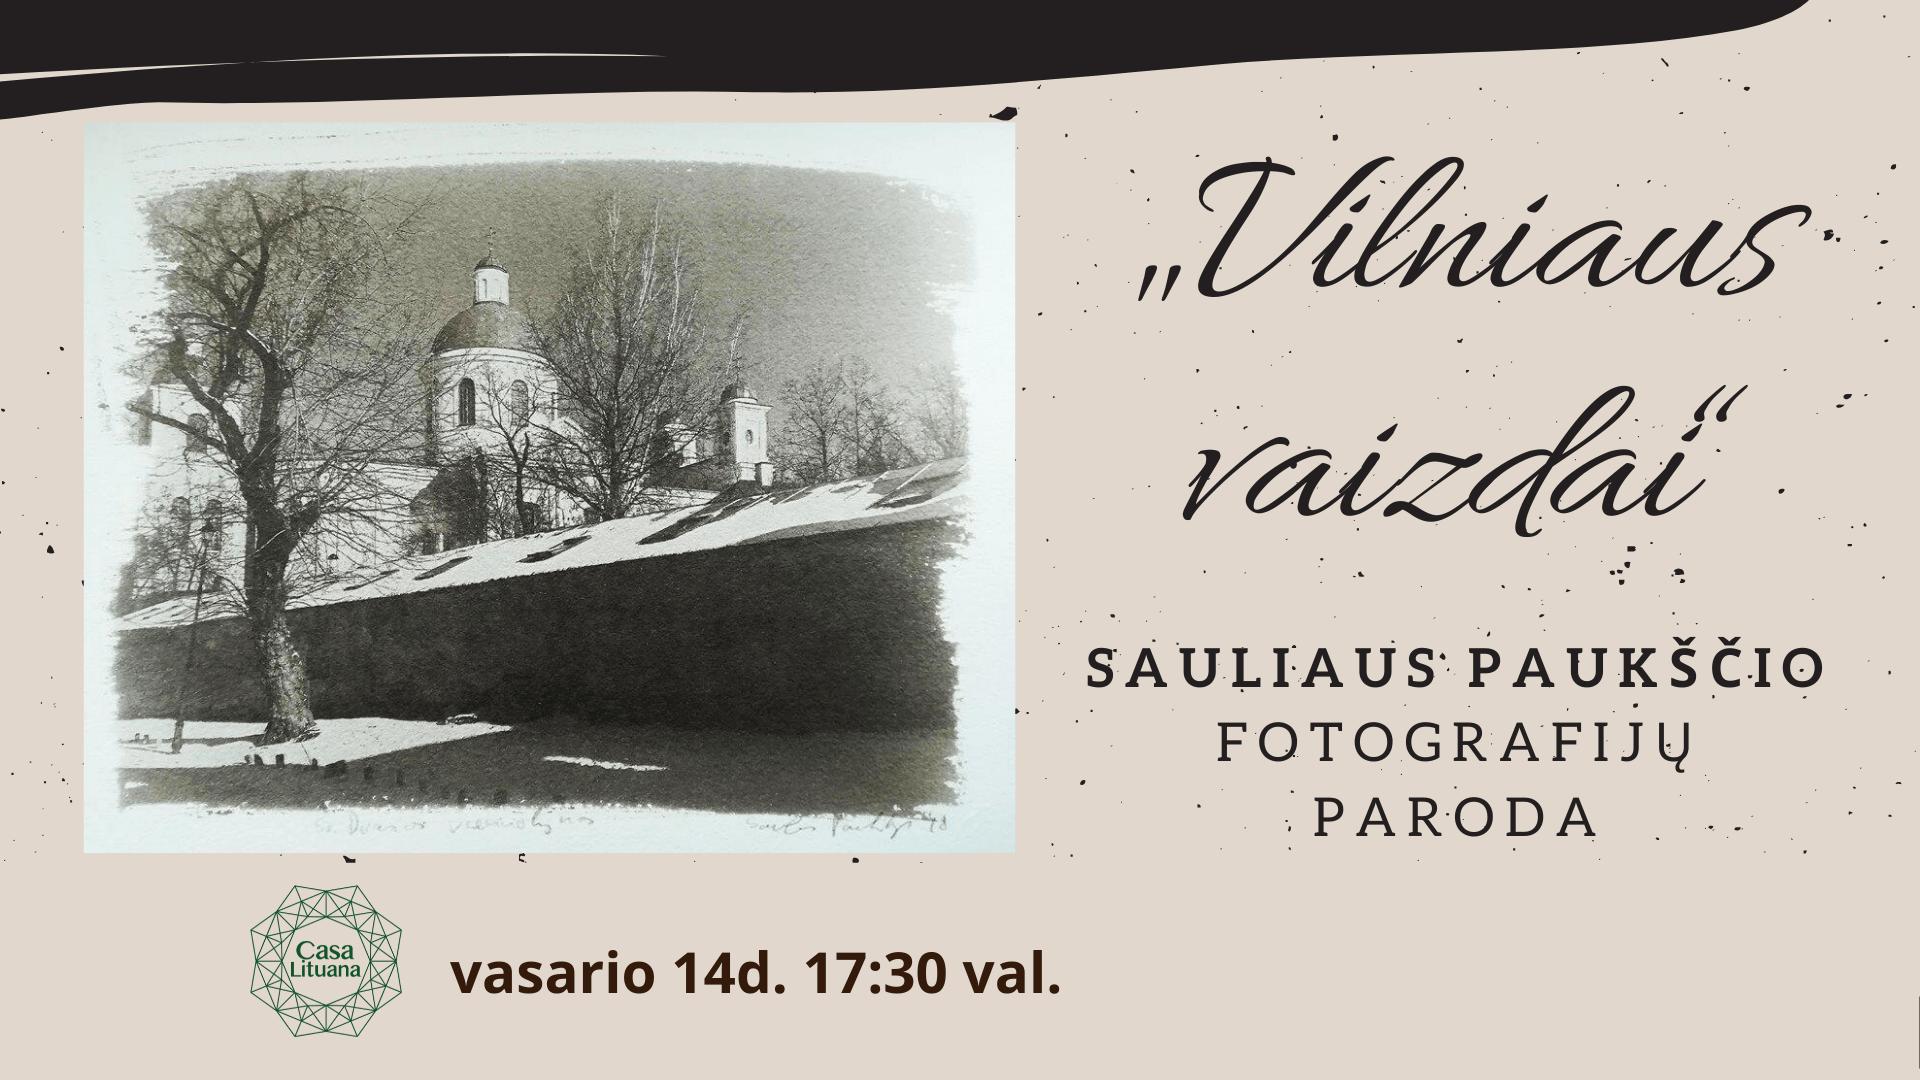 """S. Paukščio fotografijų paroda """"Vilniaus vaizdai"""" Renginiai Tenerifeje lietuviu bendruomeme Tenerifeje"""